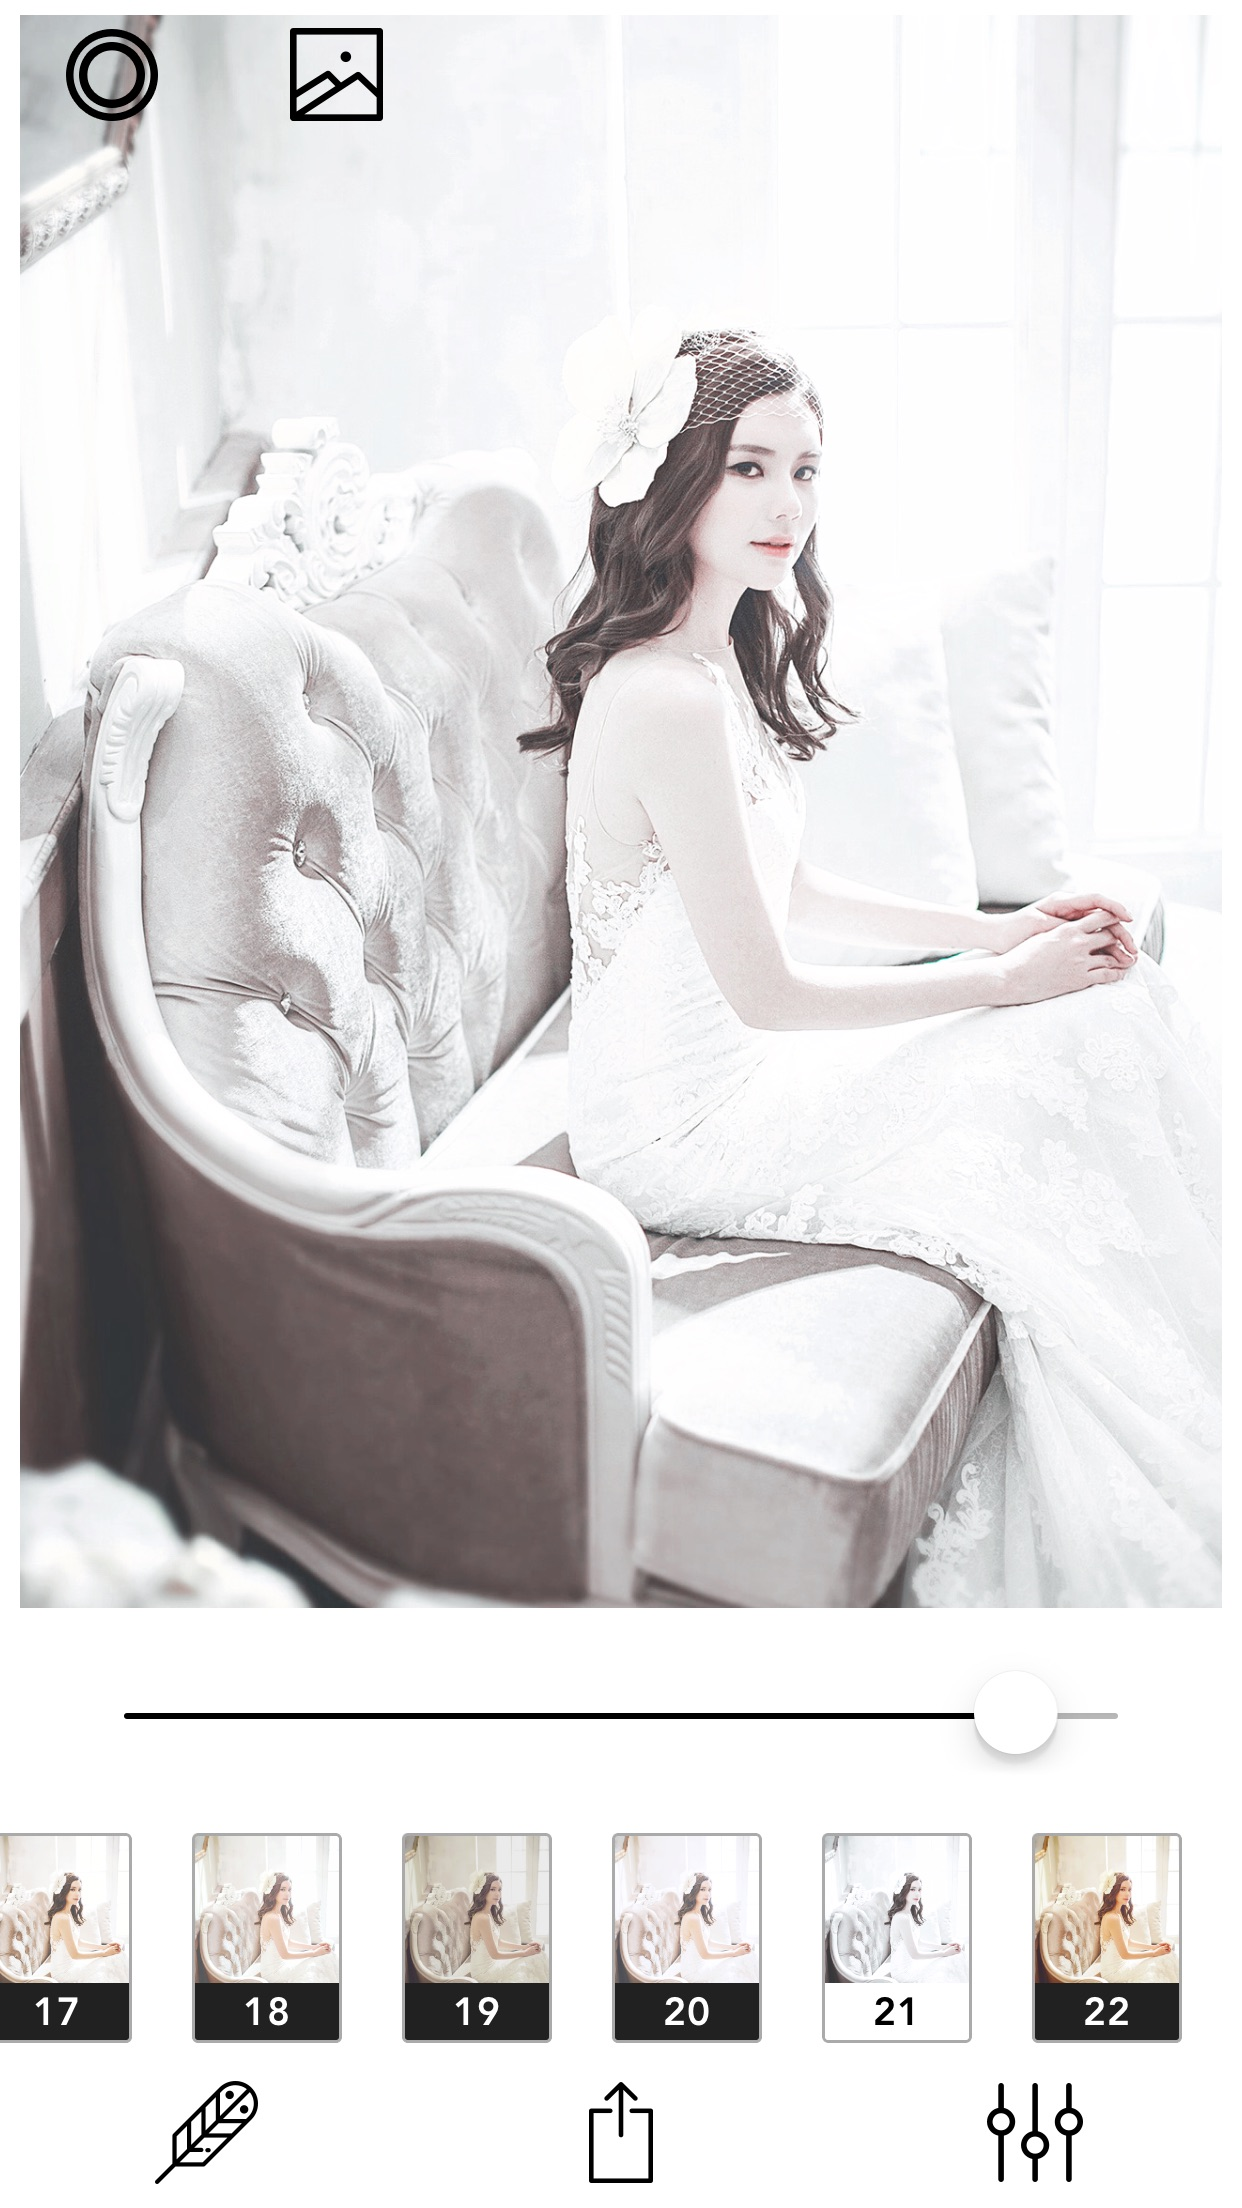 Whitecam - White is Beautiful Screenshot